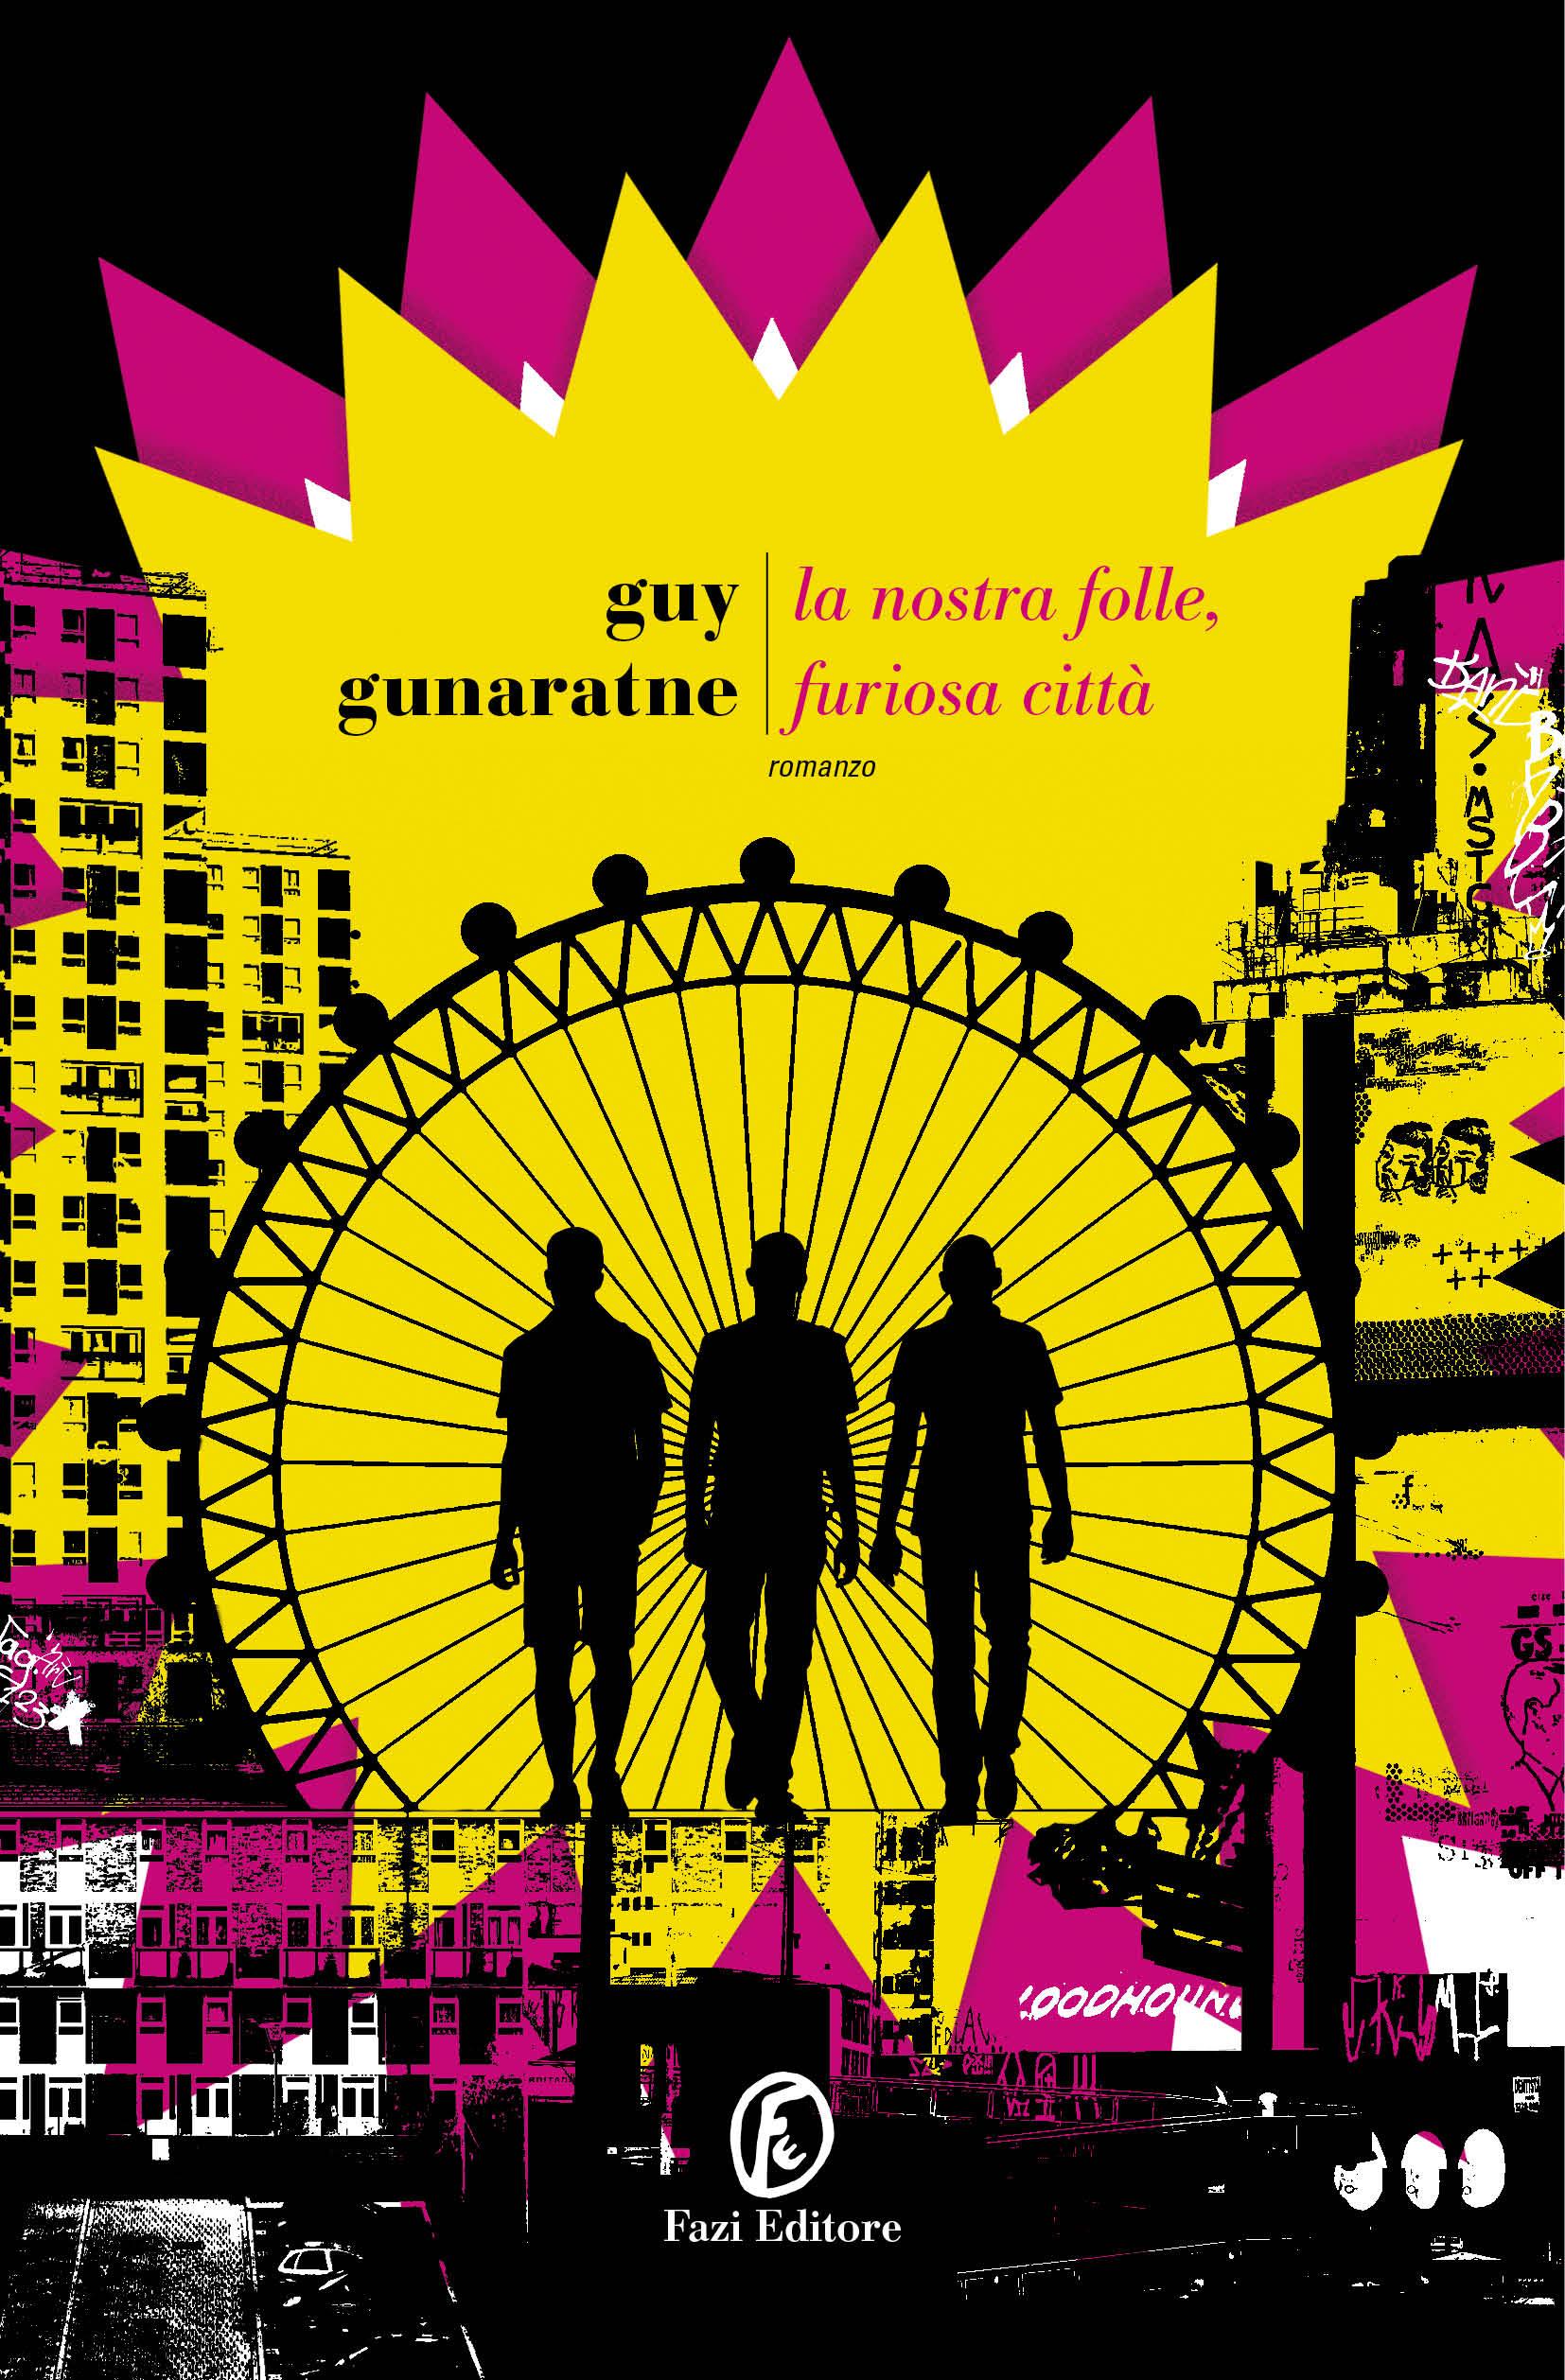 La nostra folle, furiosa città | Guy Gunaratne | Fazi Editore